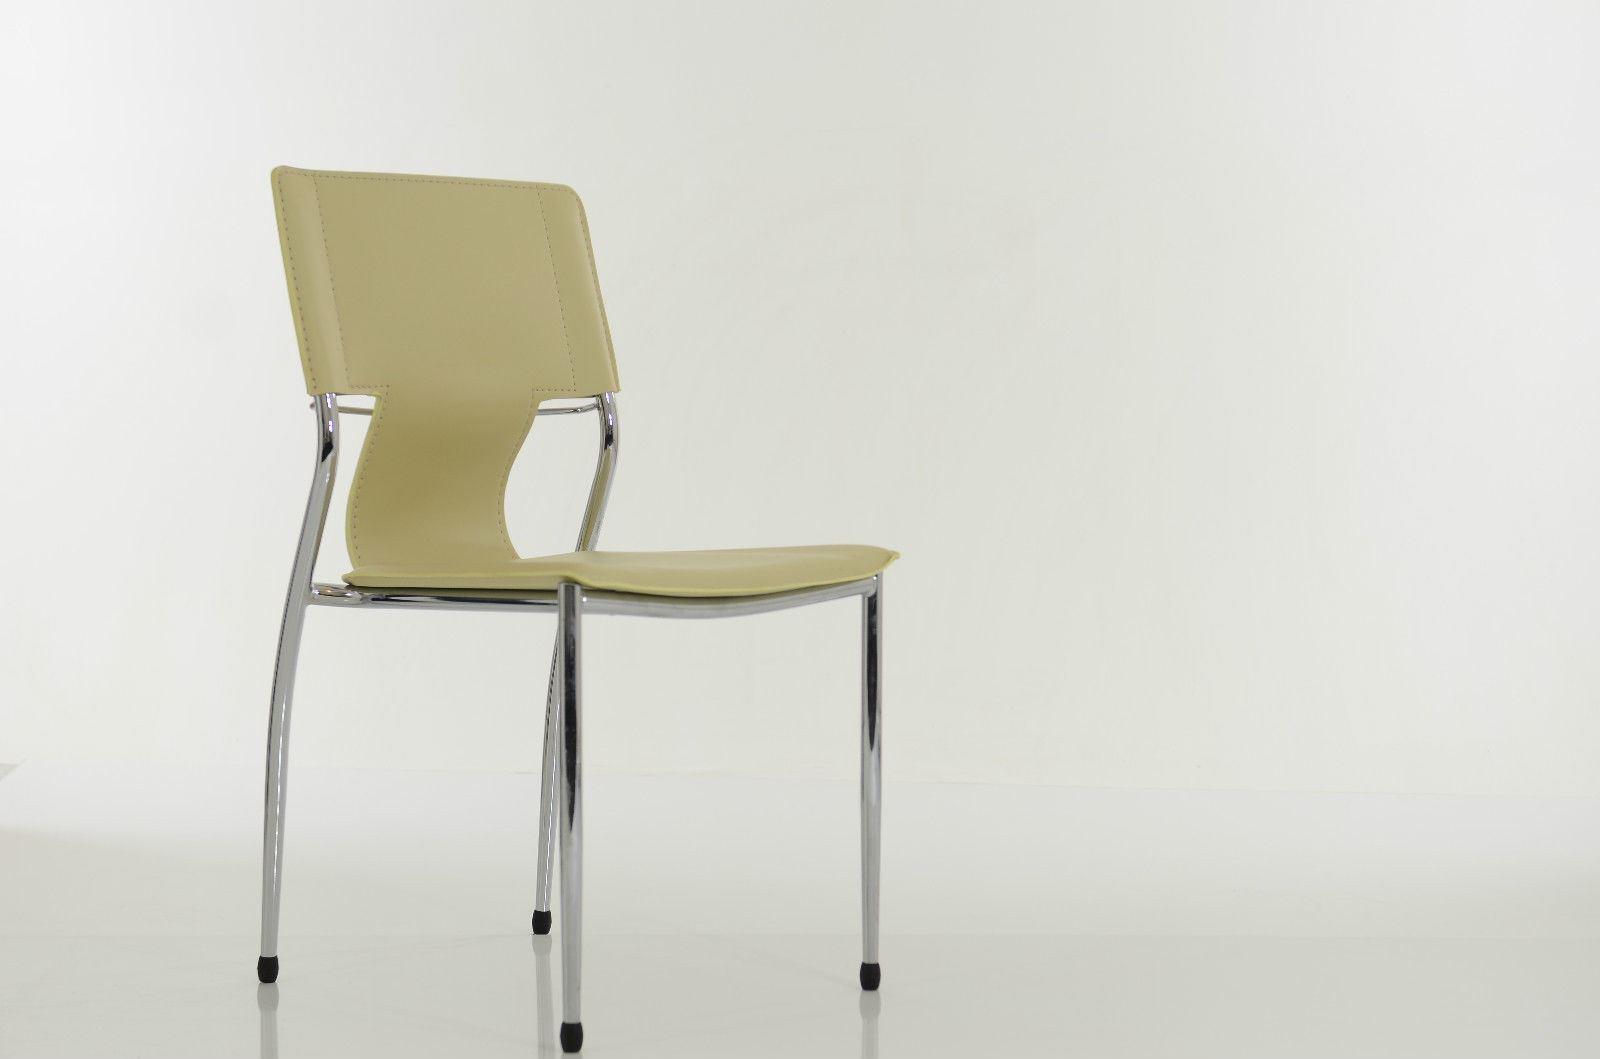 Silla maritz recepci n sala de juntas silla oficina for Sillas para sala de juntas